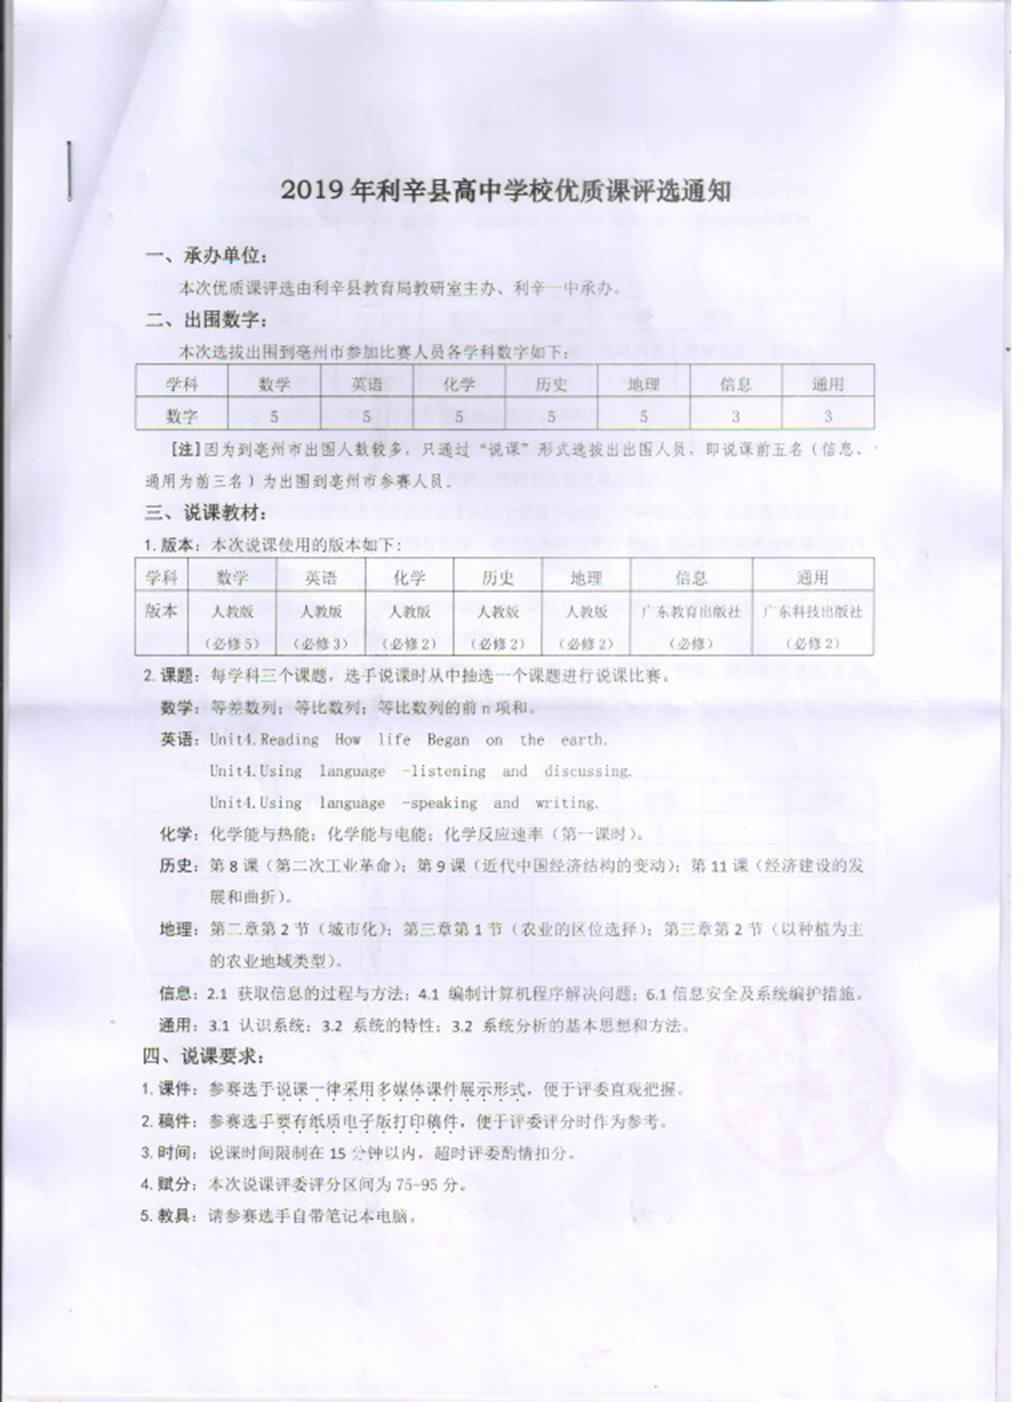 2019年利辛县高中高中优质课面对评选-安徽省学校作文通知图片